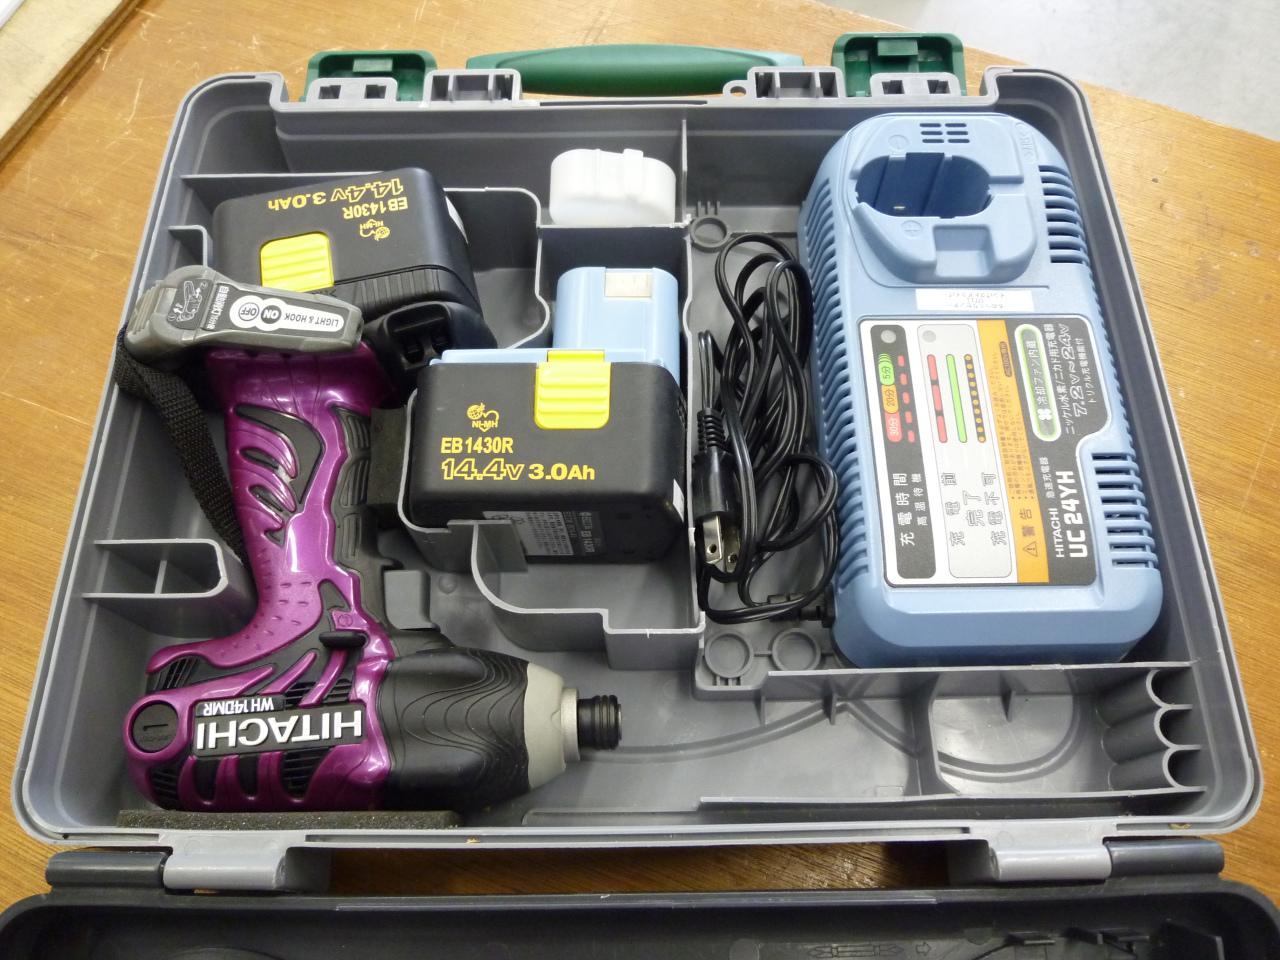 コードレスインパクトドライバー<br>Rechargeable Driver Drill